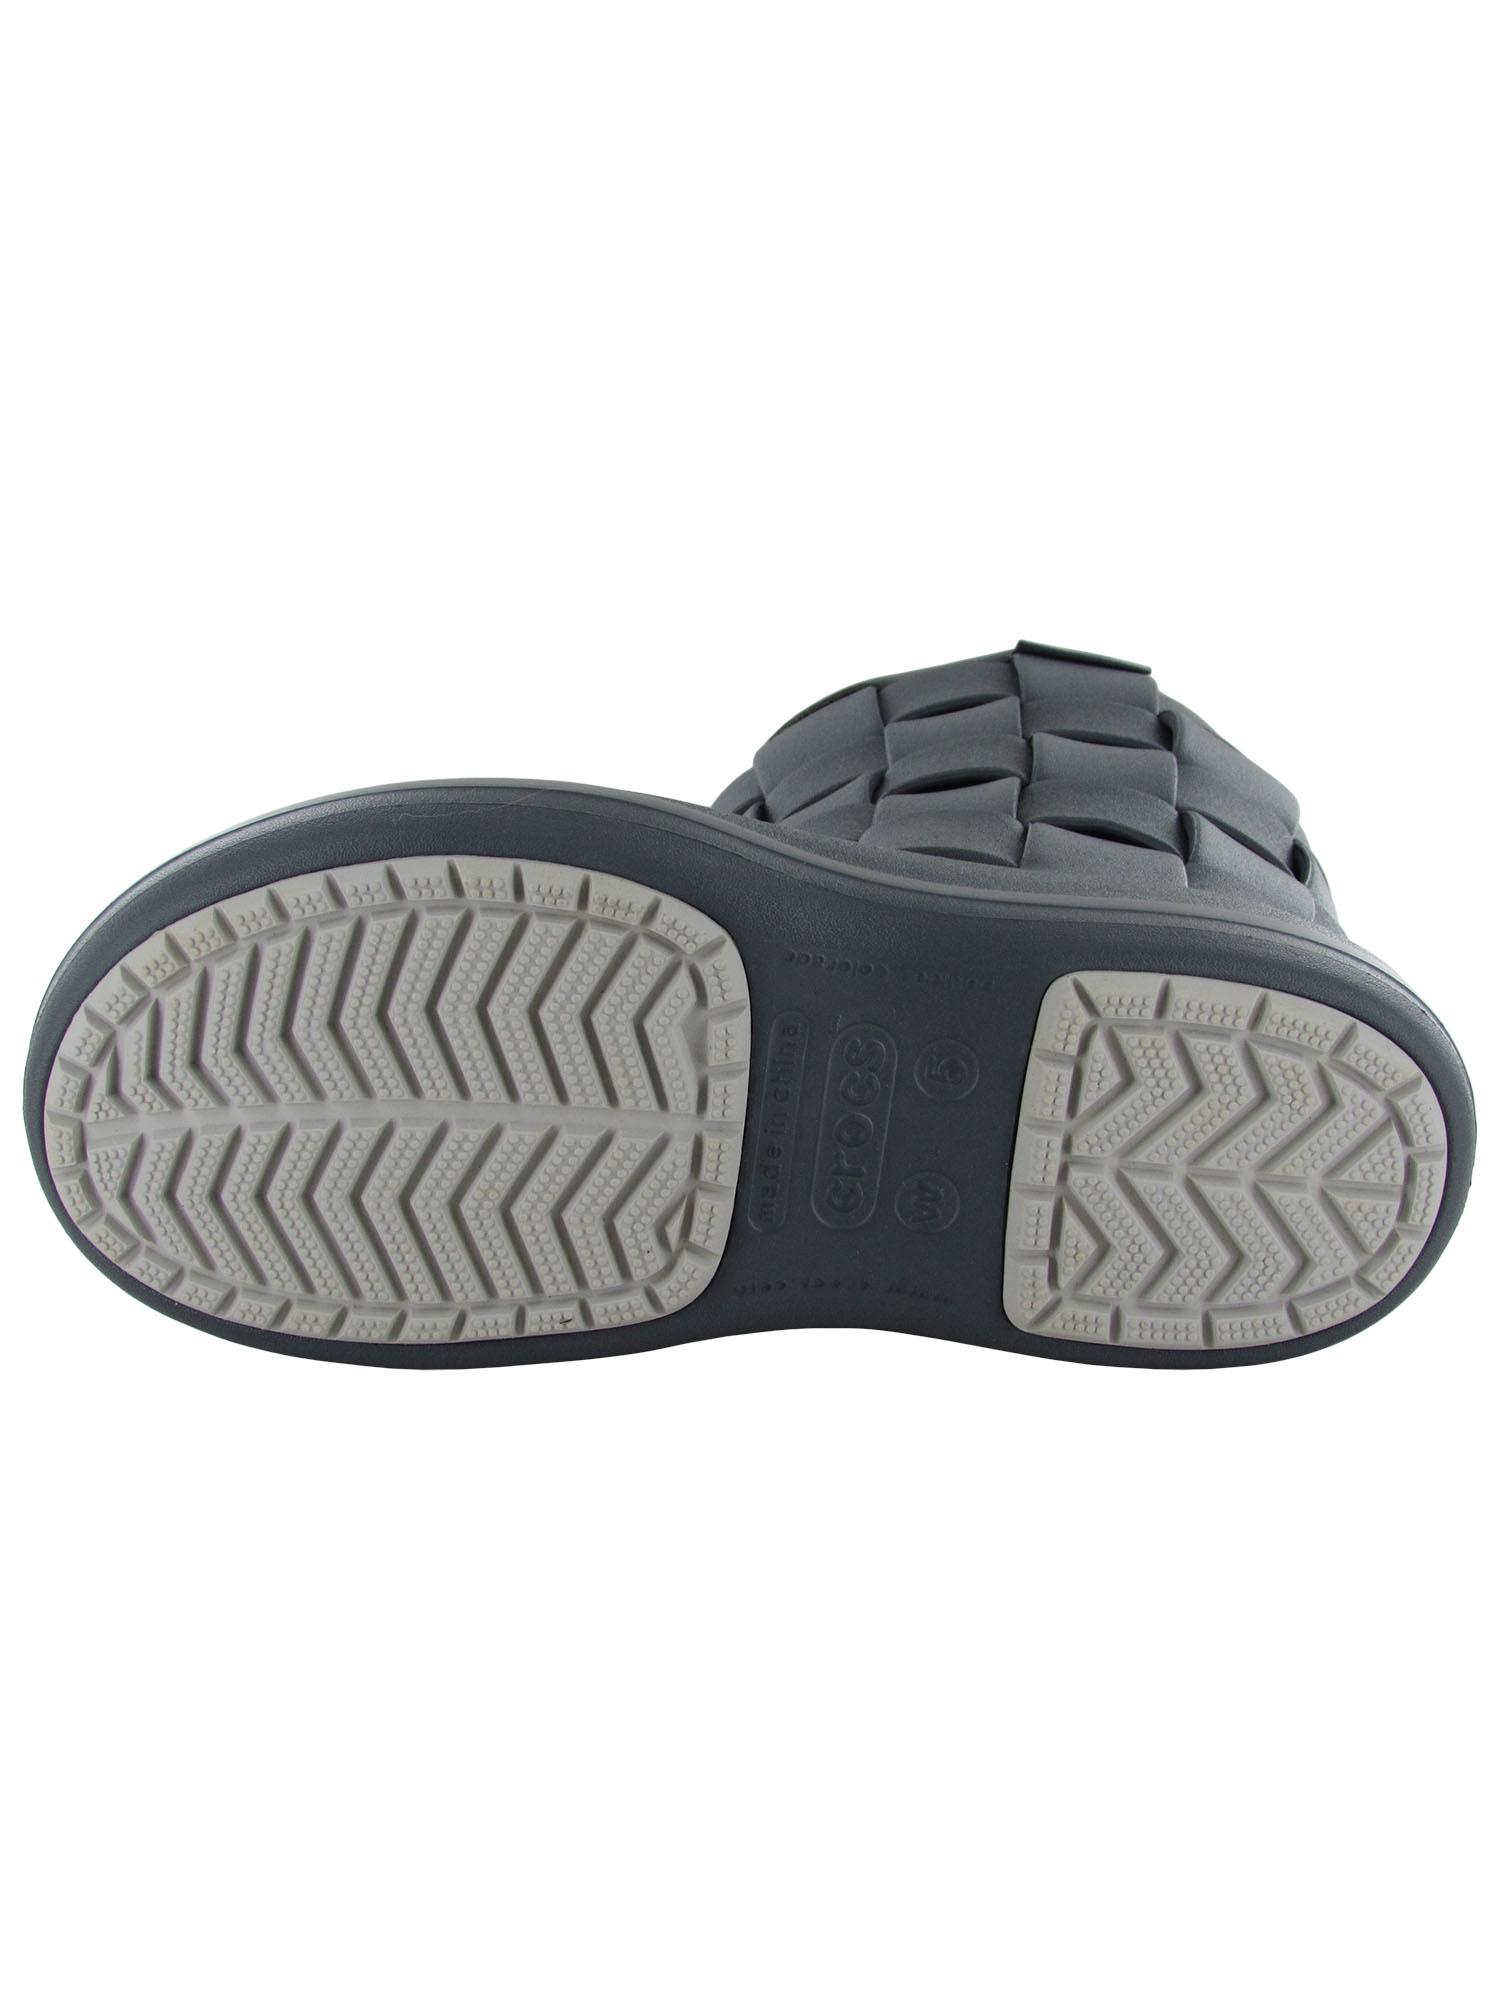 4e7f5fa92 Crocs-Womens-Super-Molded-Weave-Boot-Shoes thumbnail 6